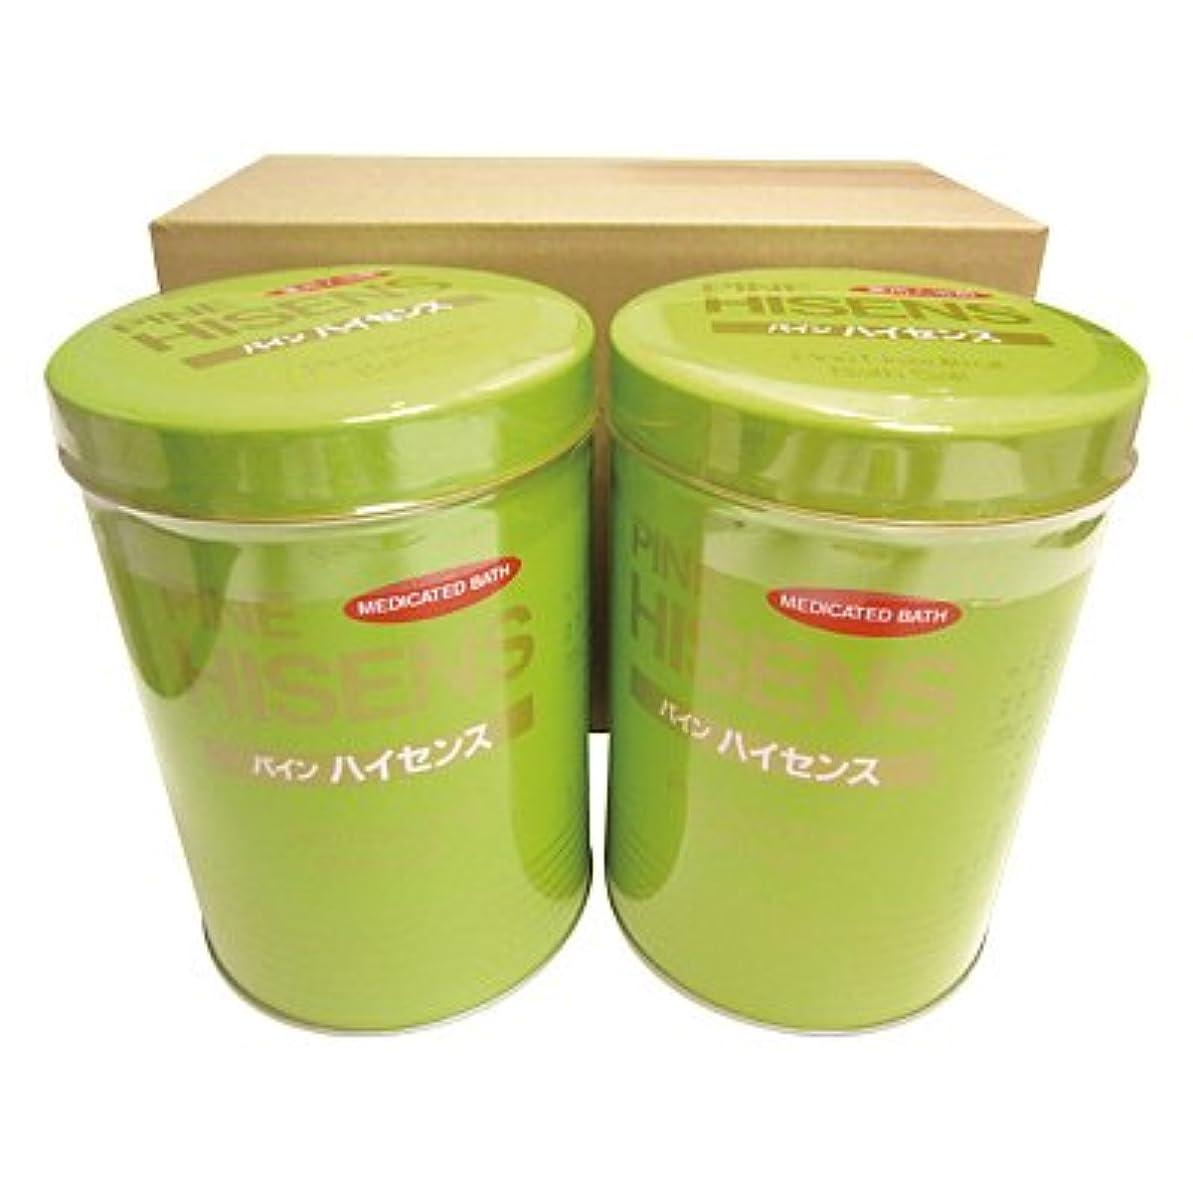 オリエントうがい信じられない高陽社 薬用入浴剤 パインハイセンス 2.1kg 2缶セット